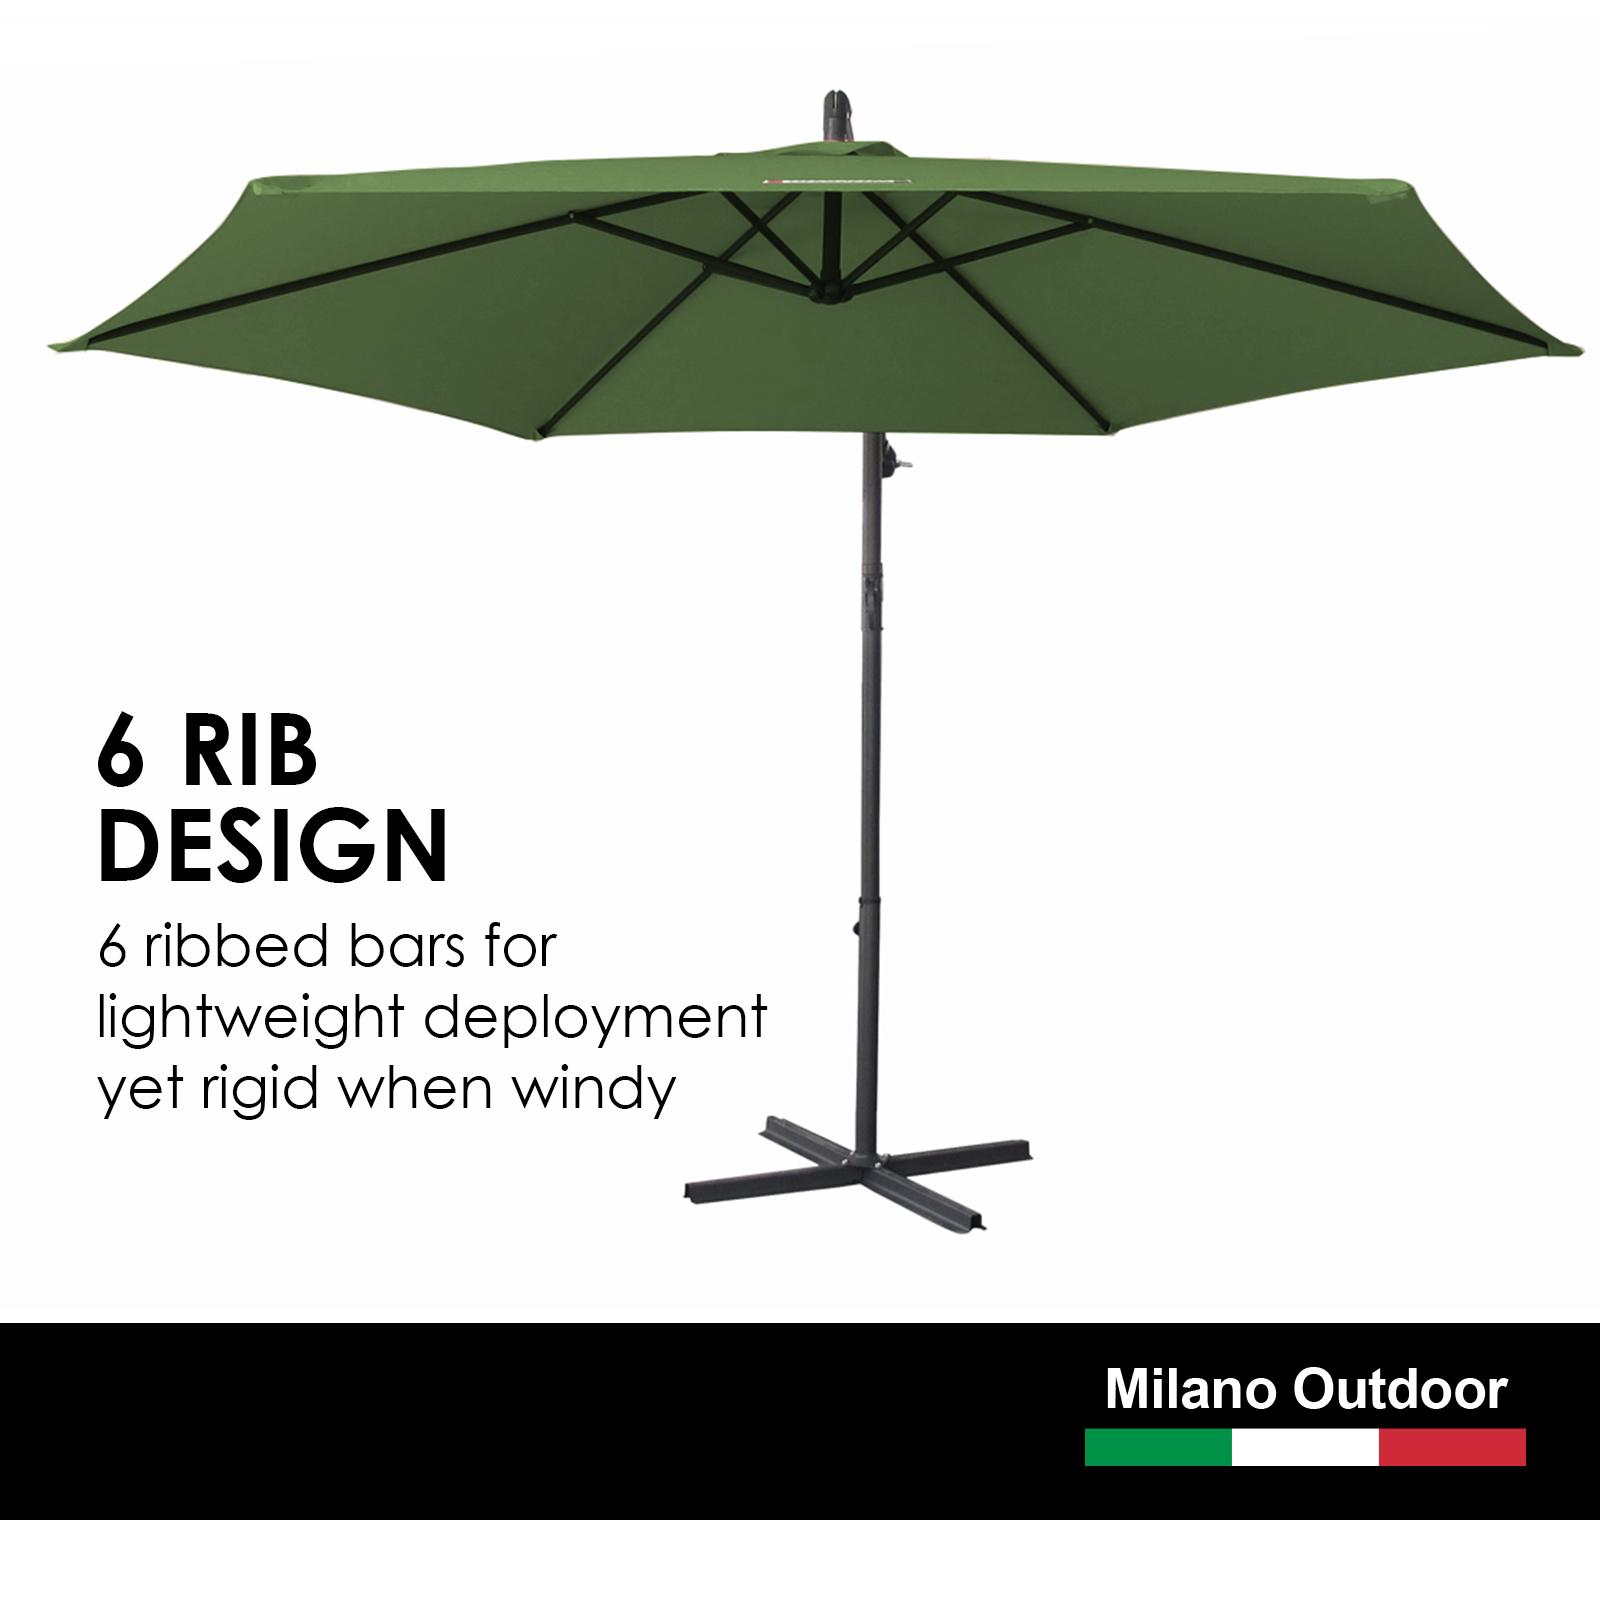 thumbnail 33 - Milano Outdoor 3 Metre Cantilever Umbrella UV Sunshade Garden Patio Deck